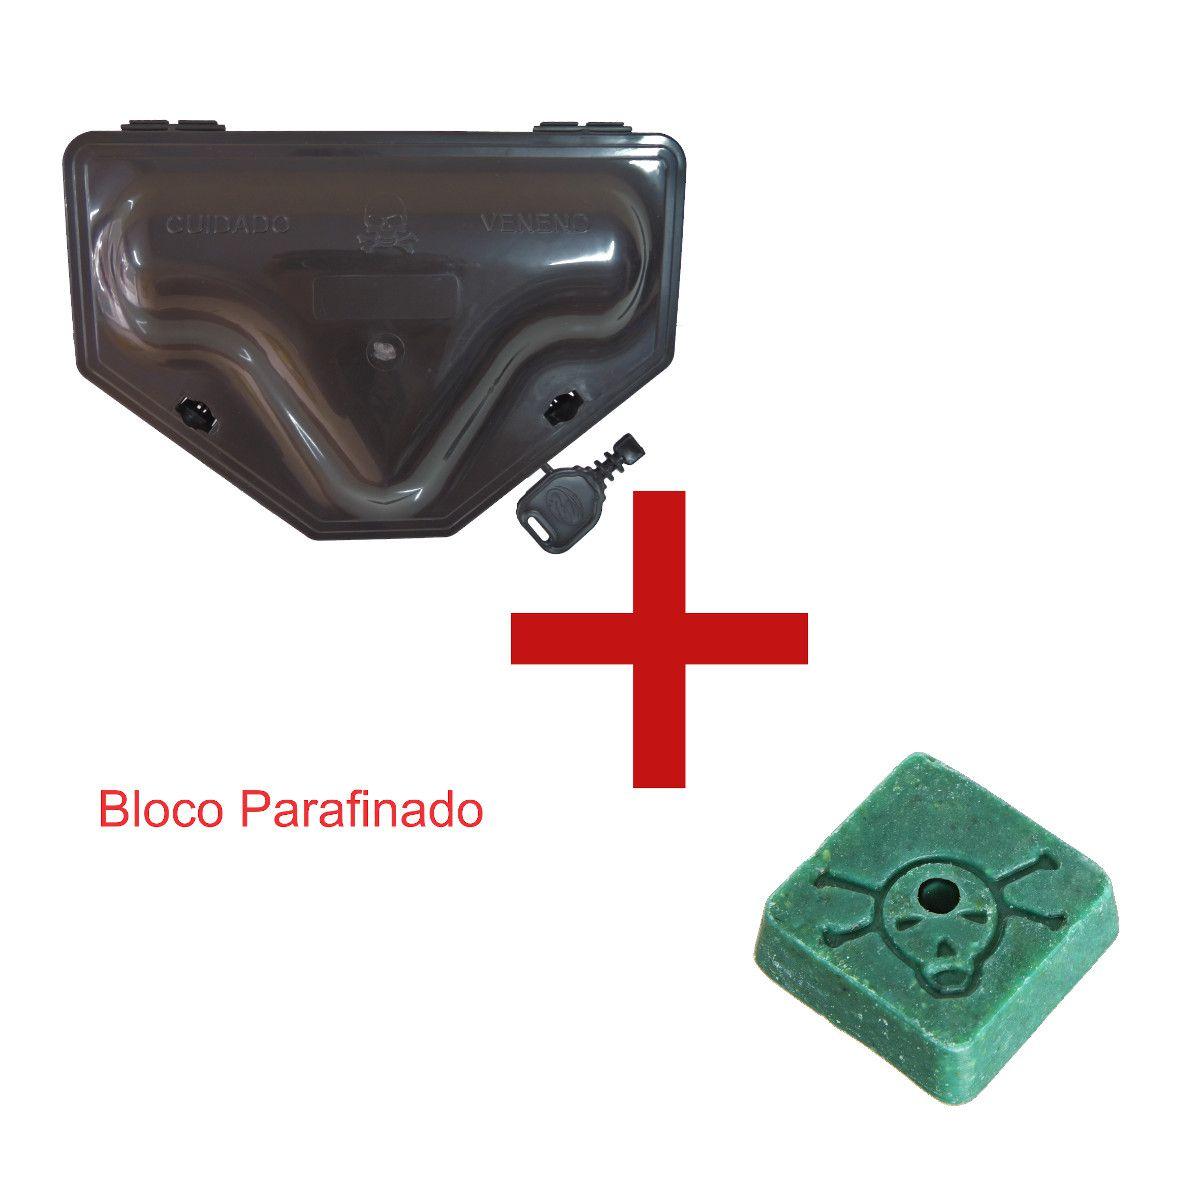 KIT 80 Ratoeira Forte Mata Ratos Porta Iscas 2 TRAVAS Chave